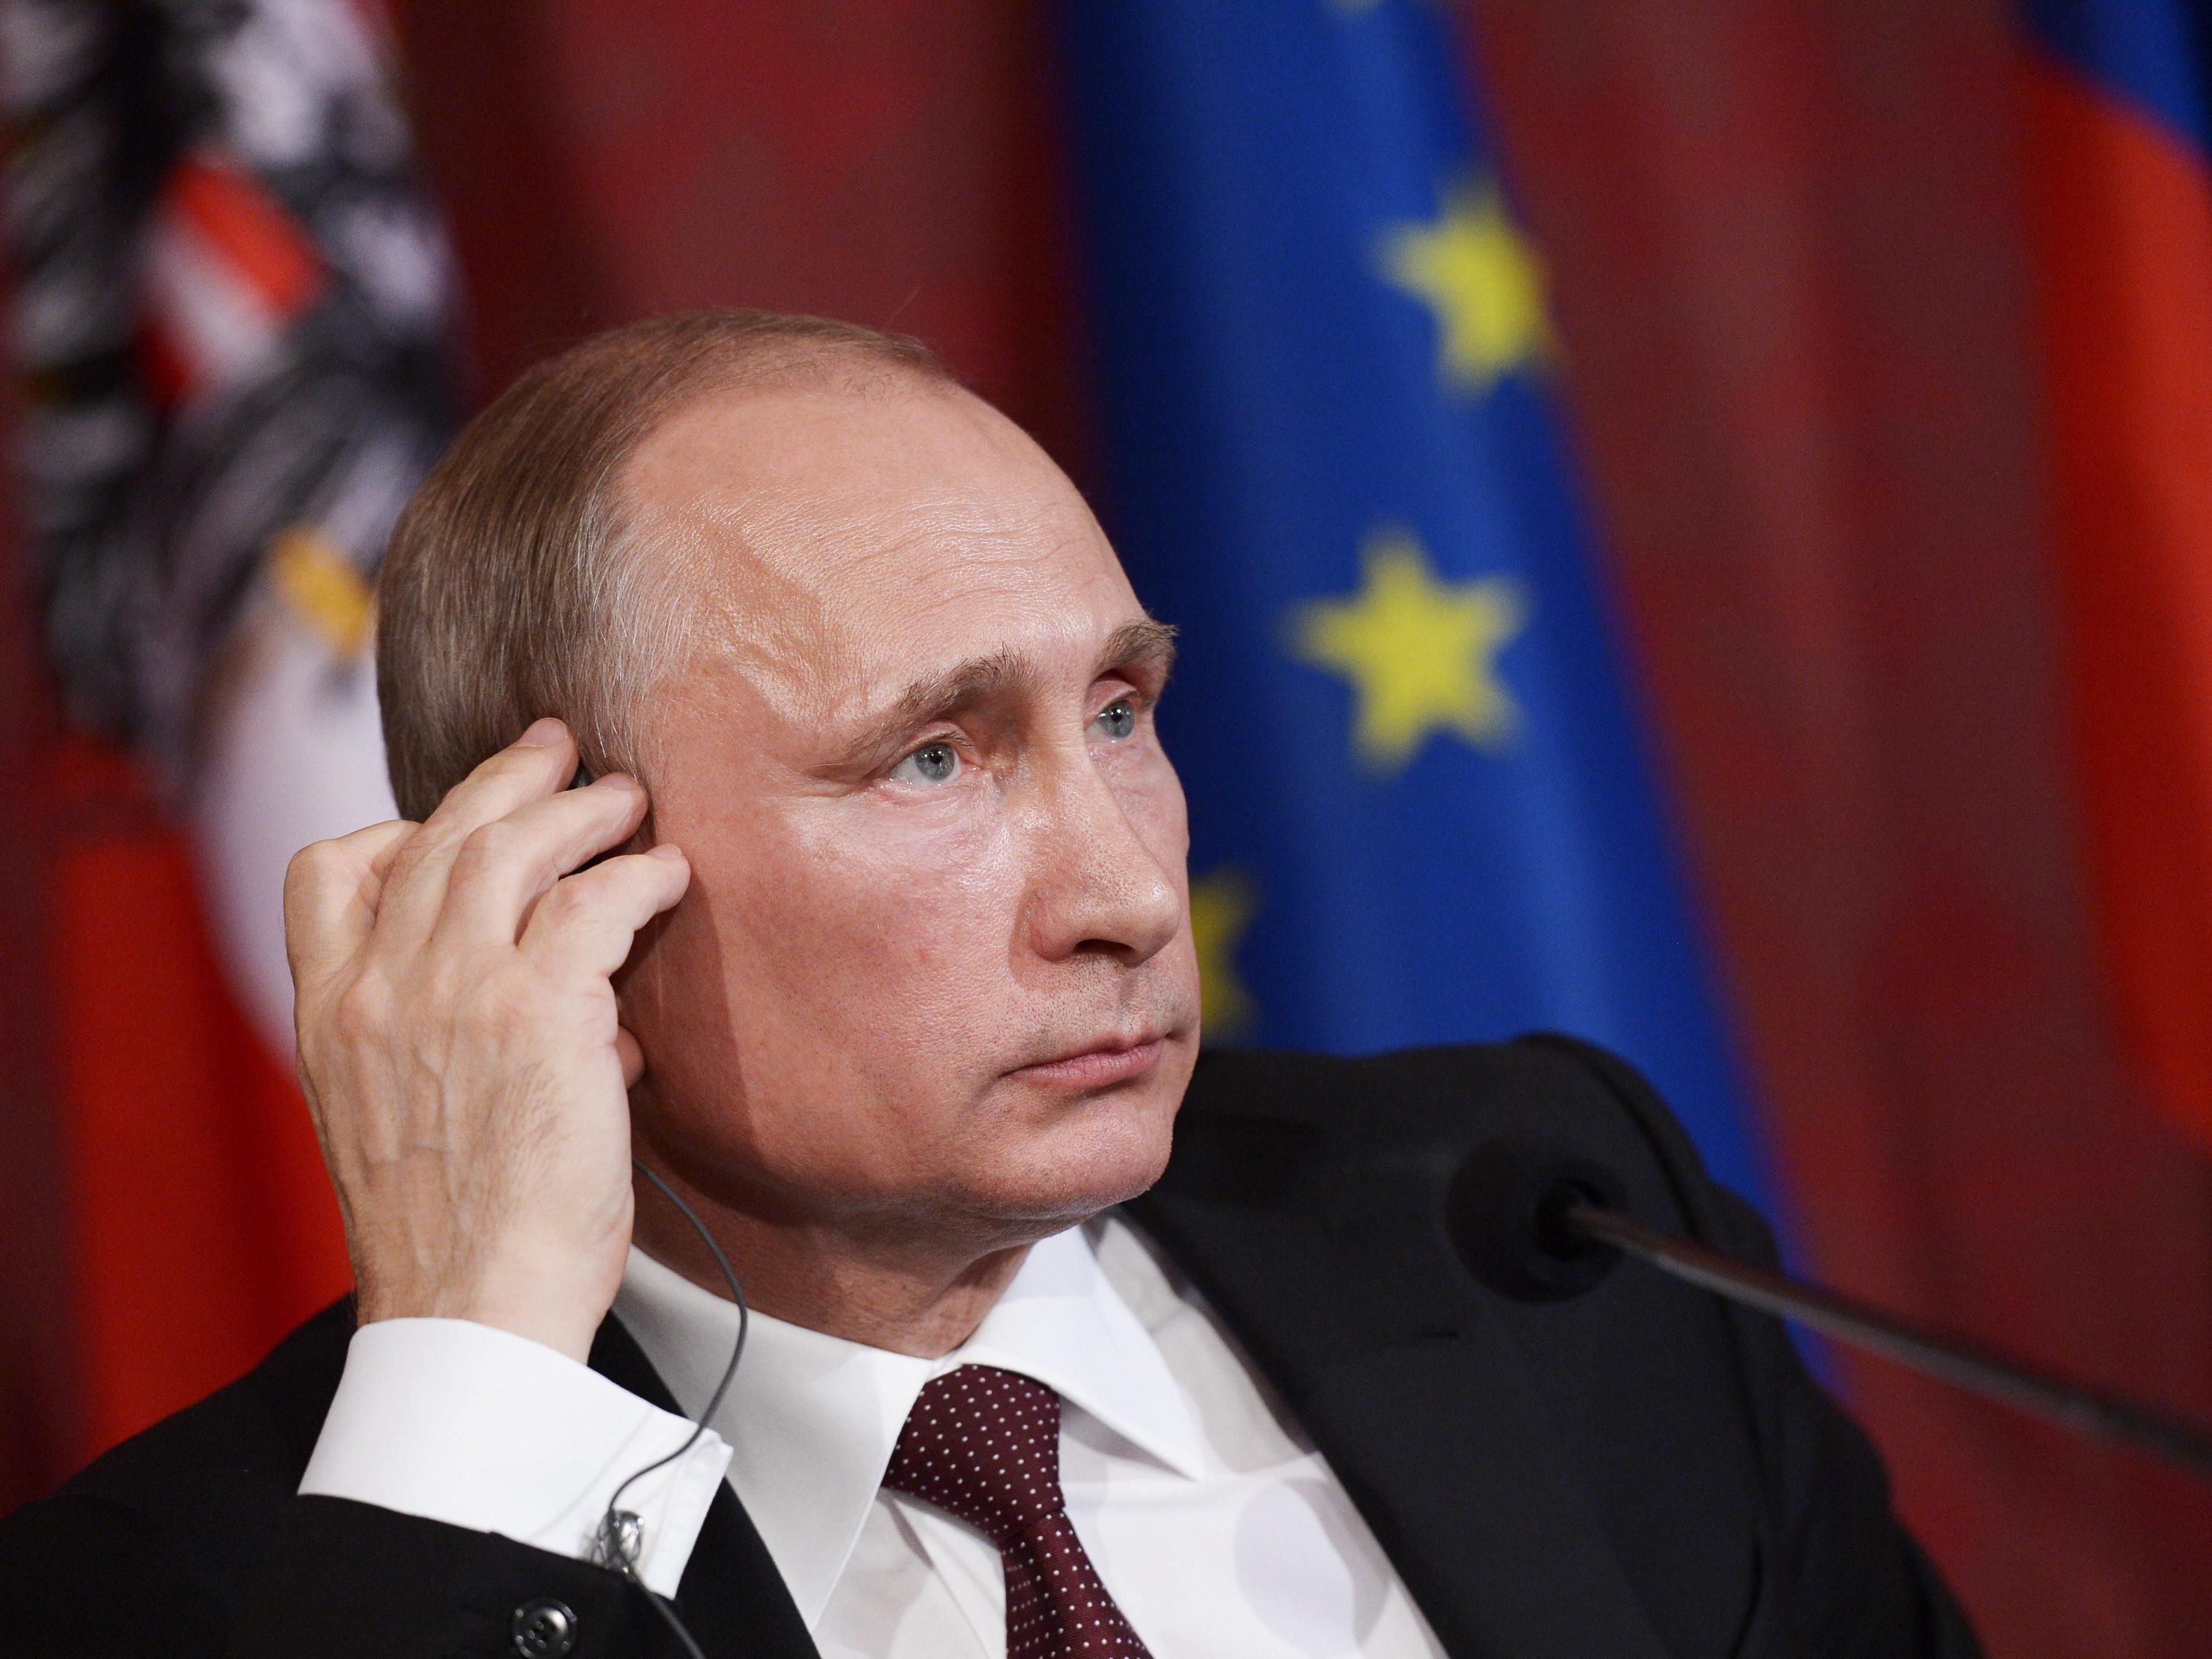 Wirtschaft als Waffe: Westen verschärft Sanktionen - Russland demonstriert Gelassenheit.